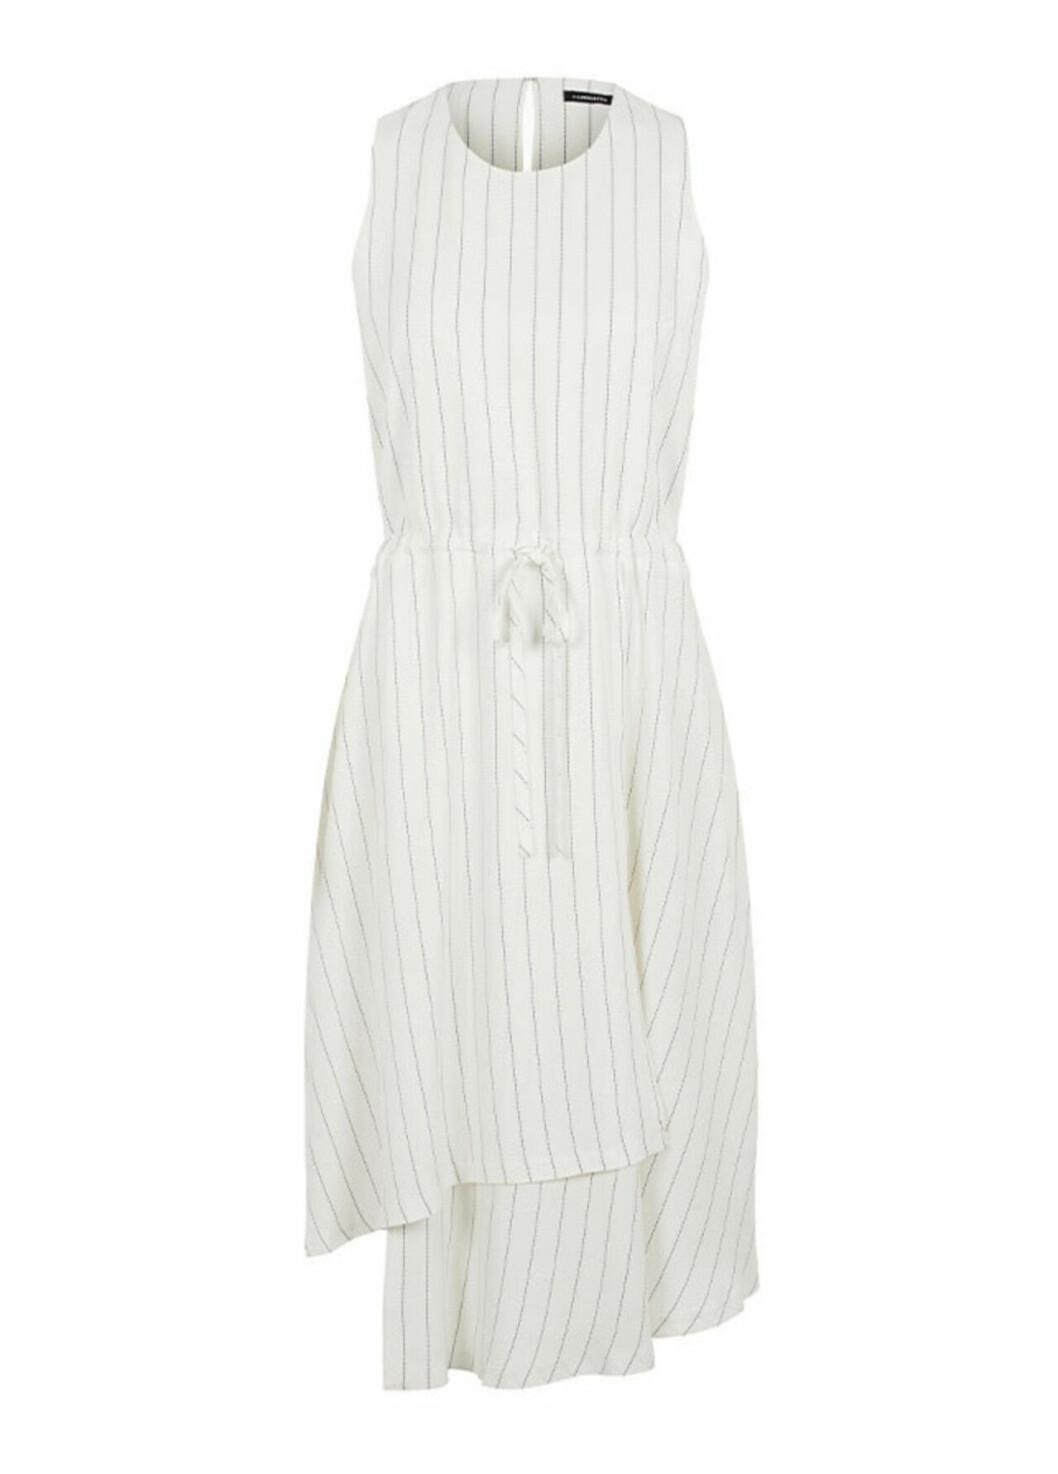 Vit klänning med smala ränder till sommaren 2020